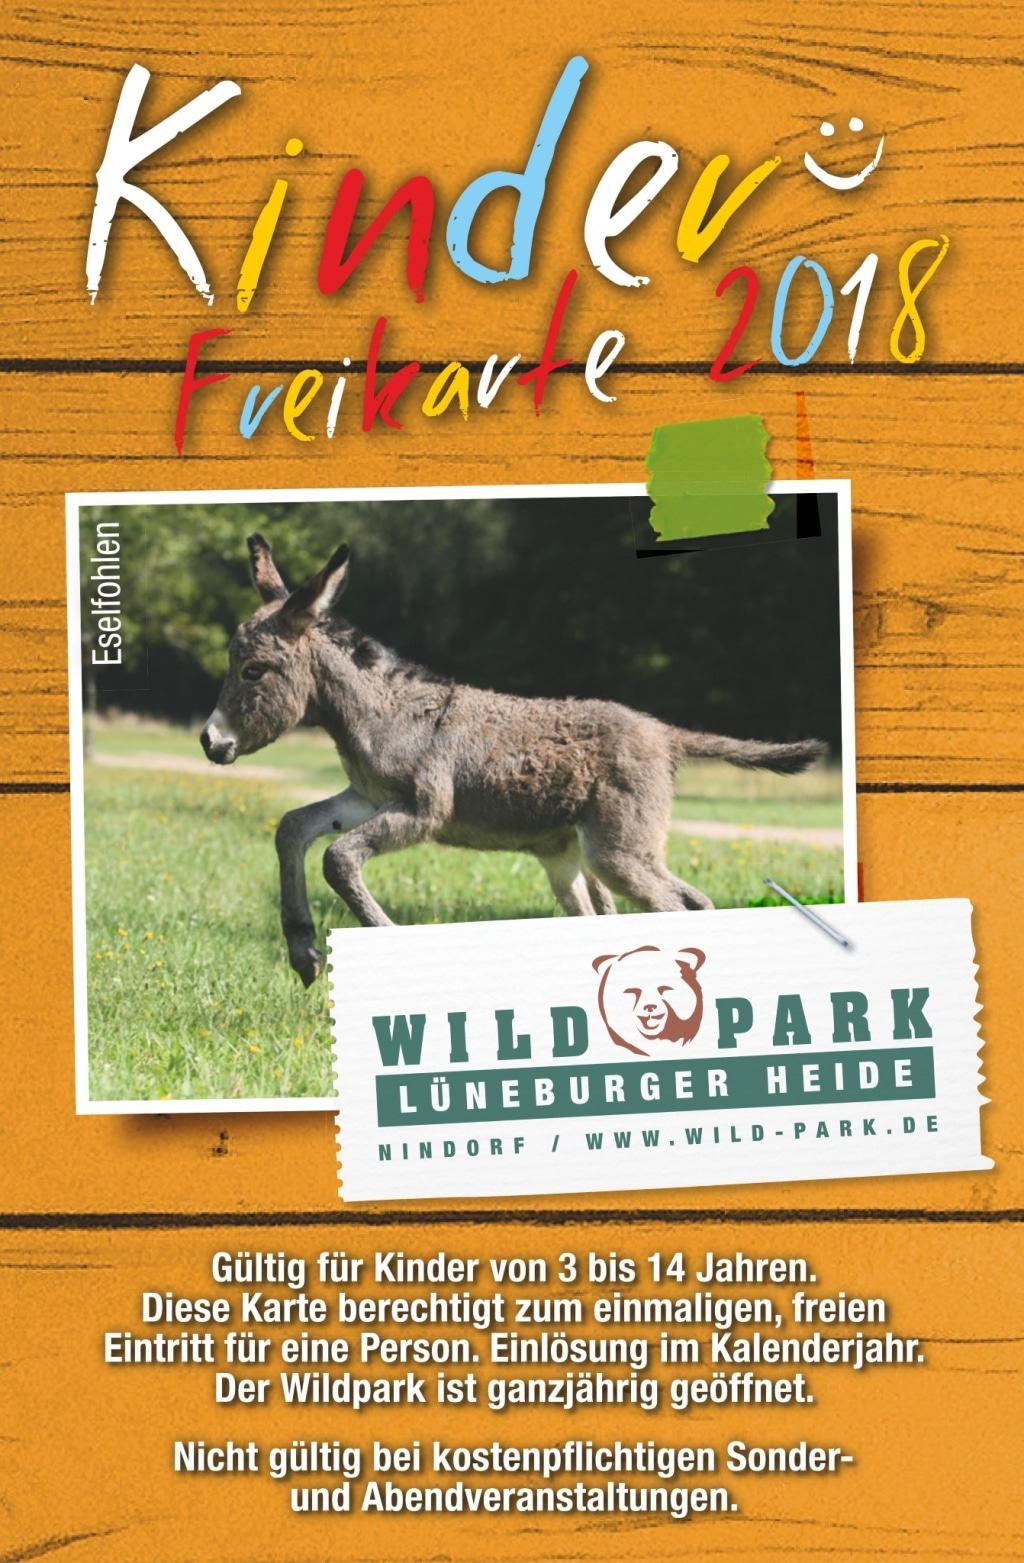 Wildpark Lüneburger Heide Karte.Lüneburger Heide Wochenendtipps 27 29 07 2018 Schöne Heide